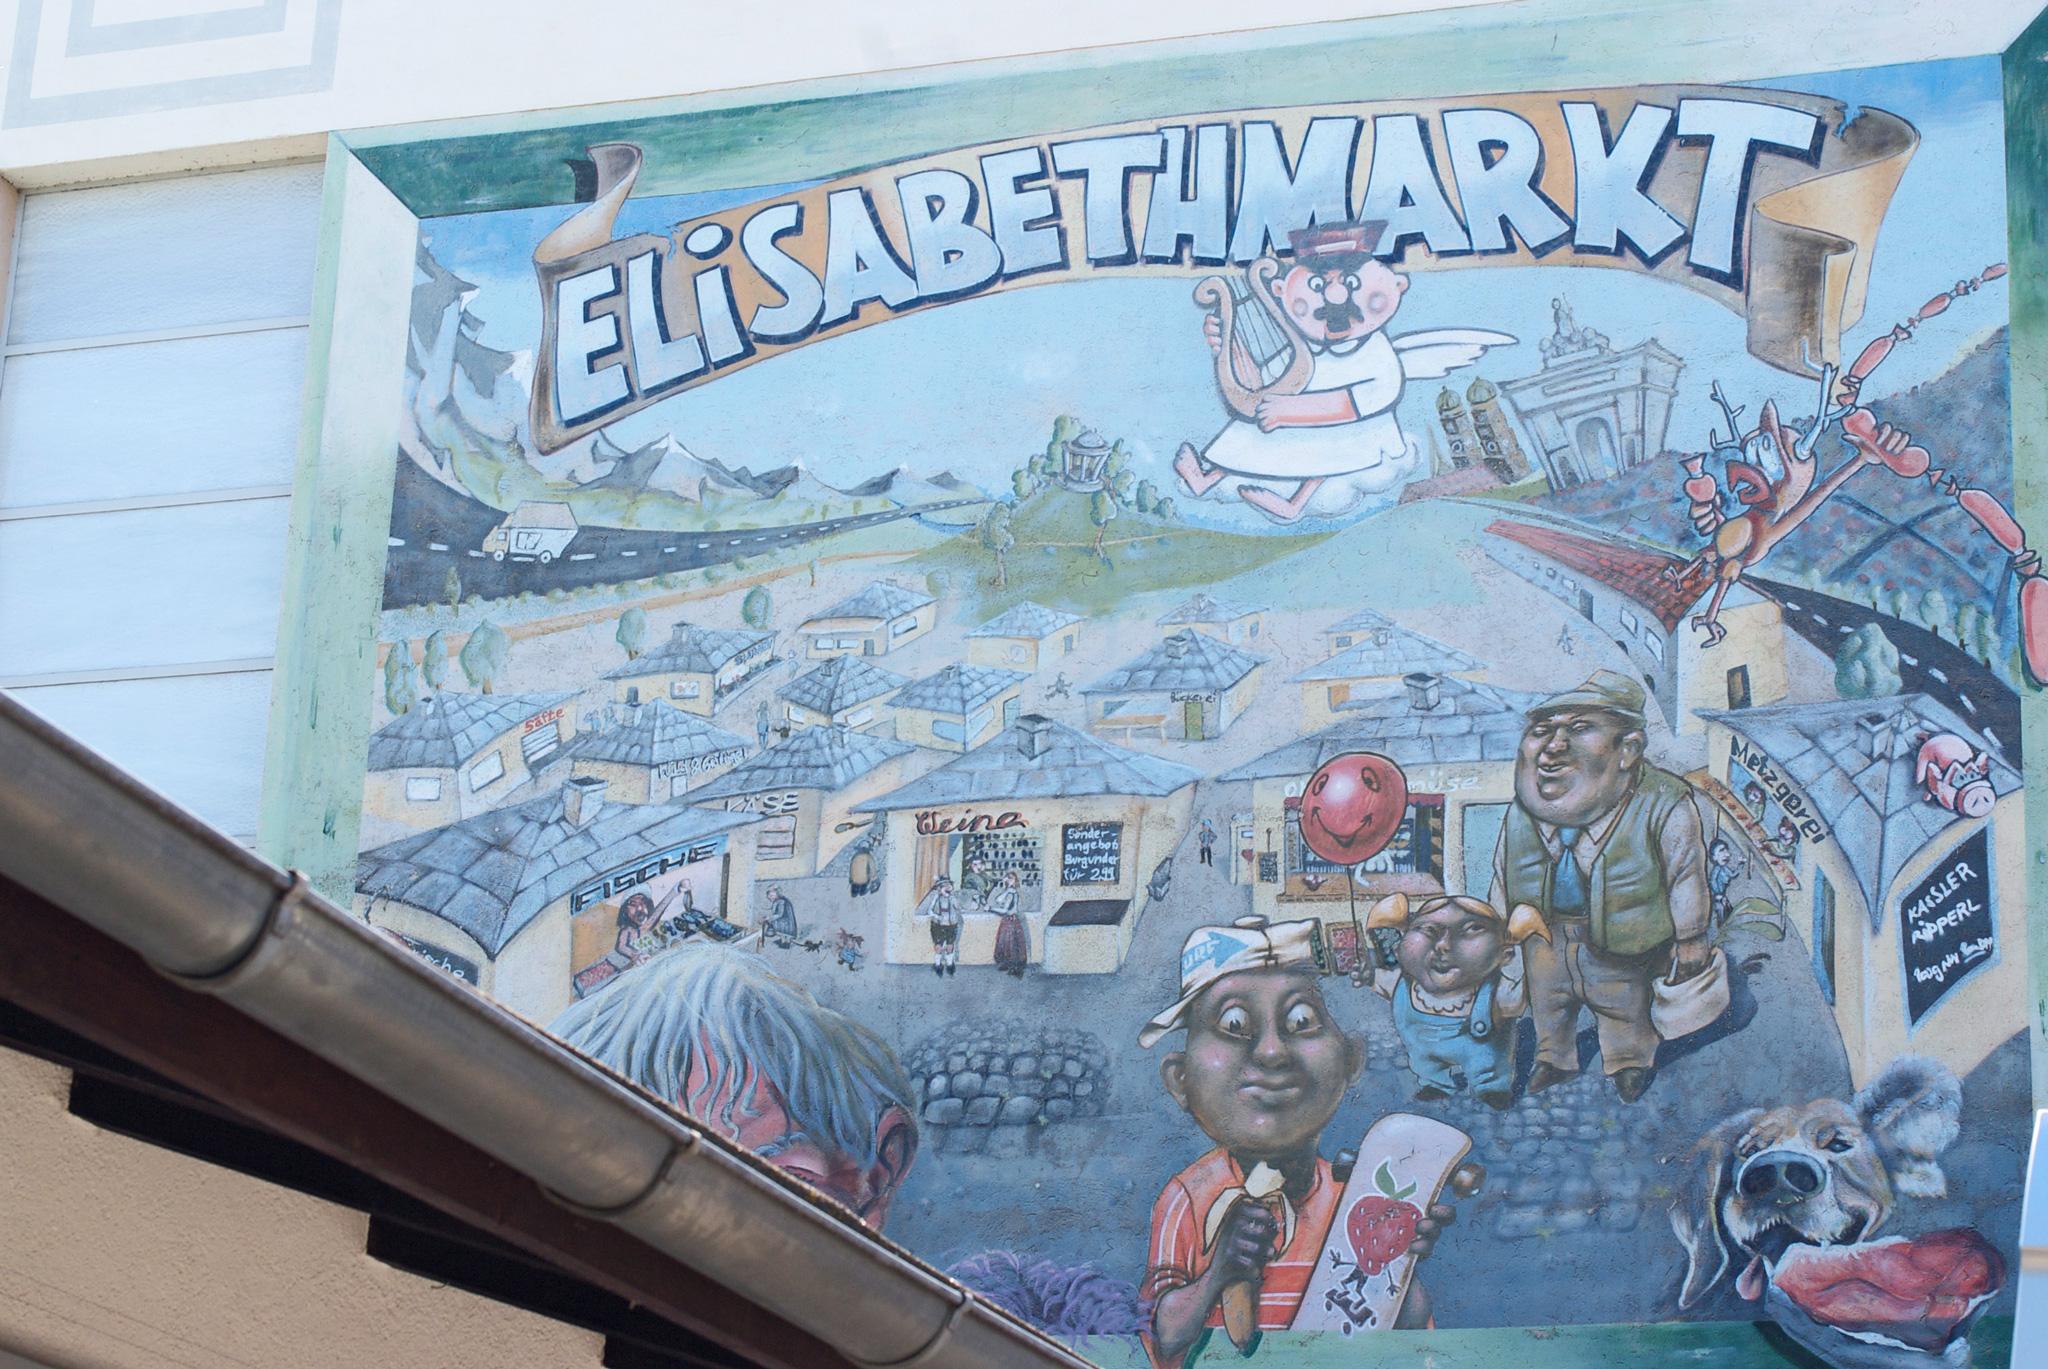 Der Elisabethmarkt in Schwabing als Karikatur